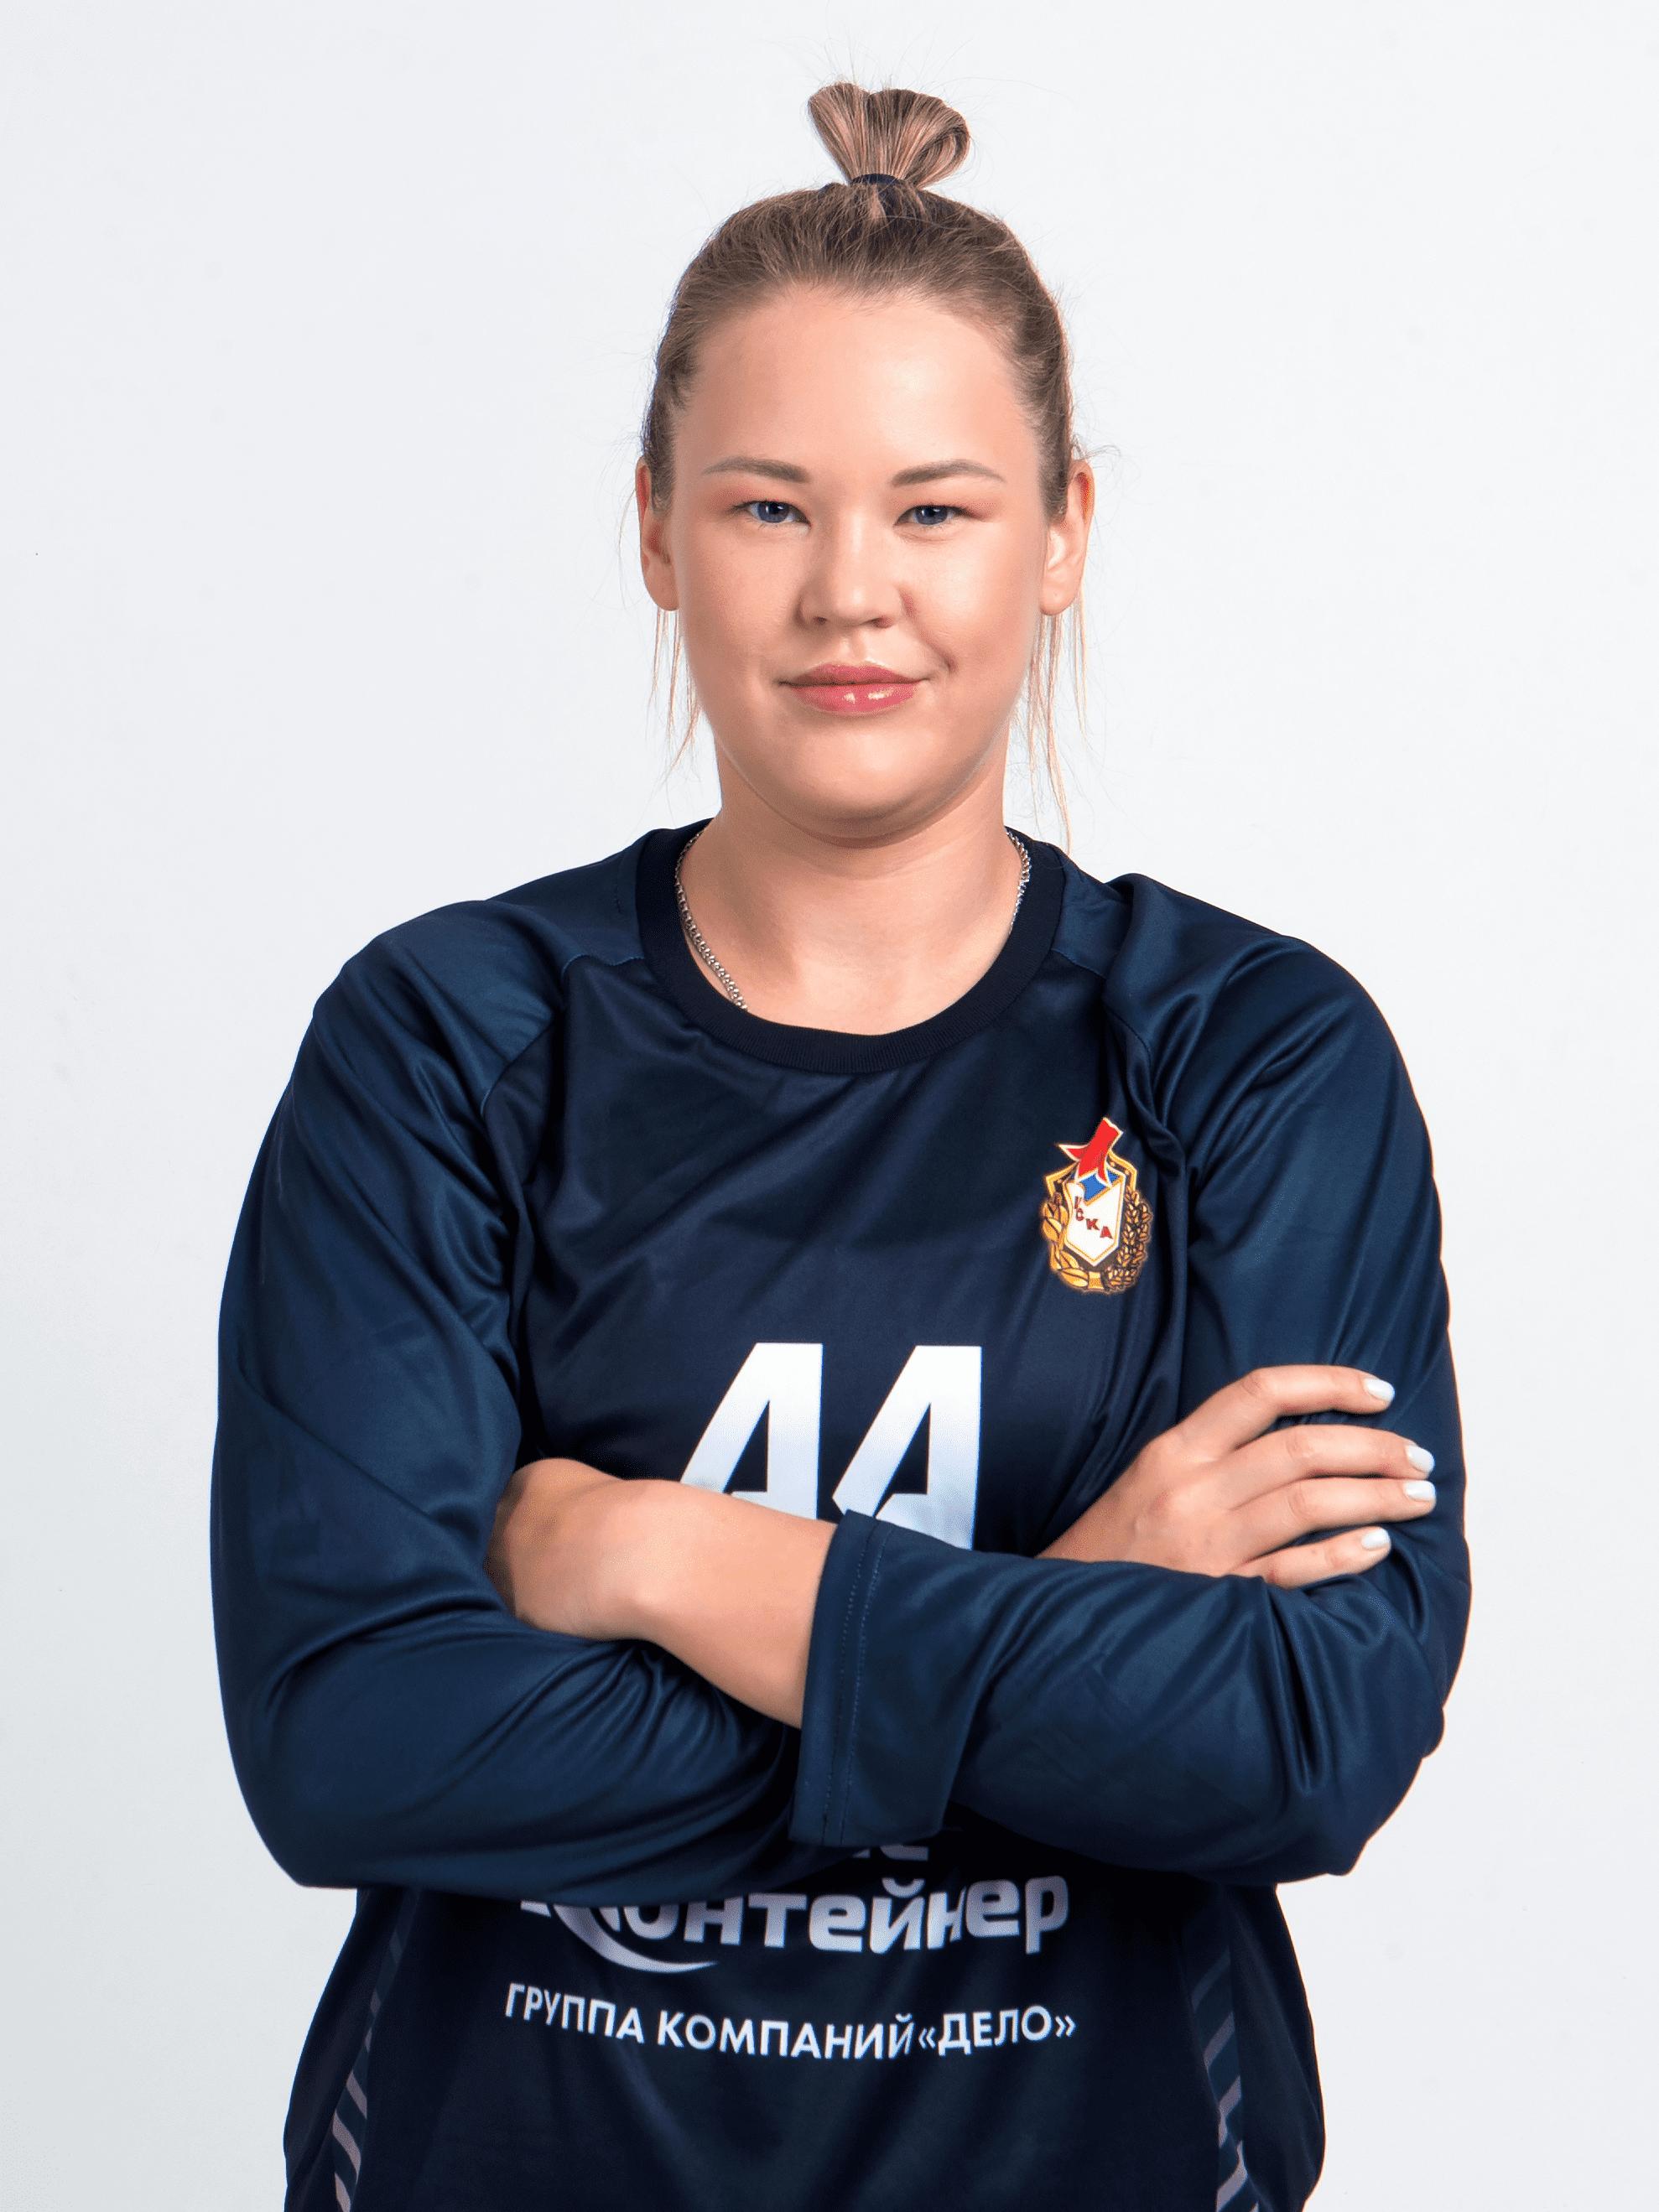 Трусова Кира Владимировна